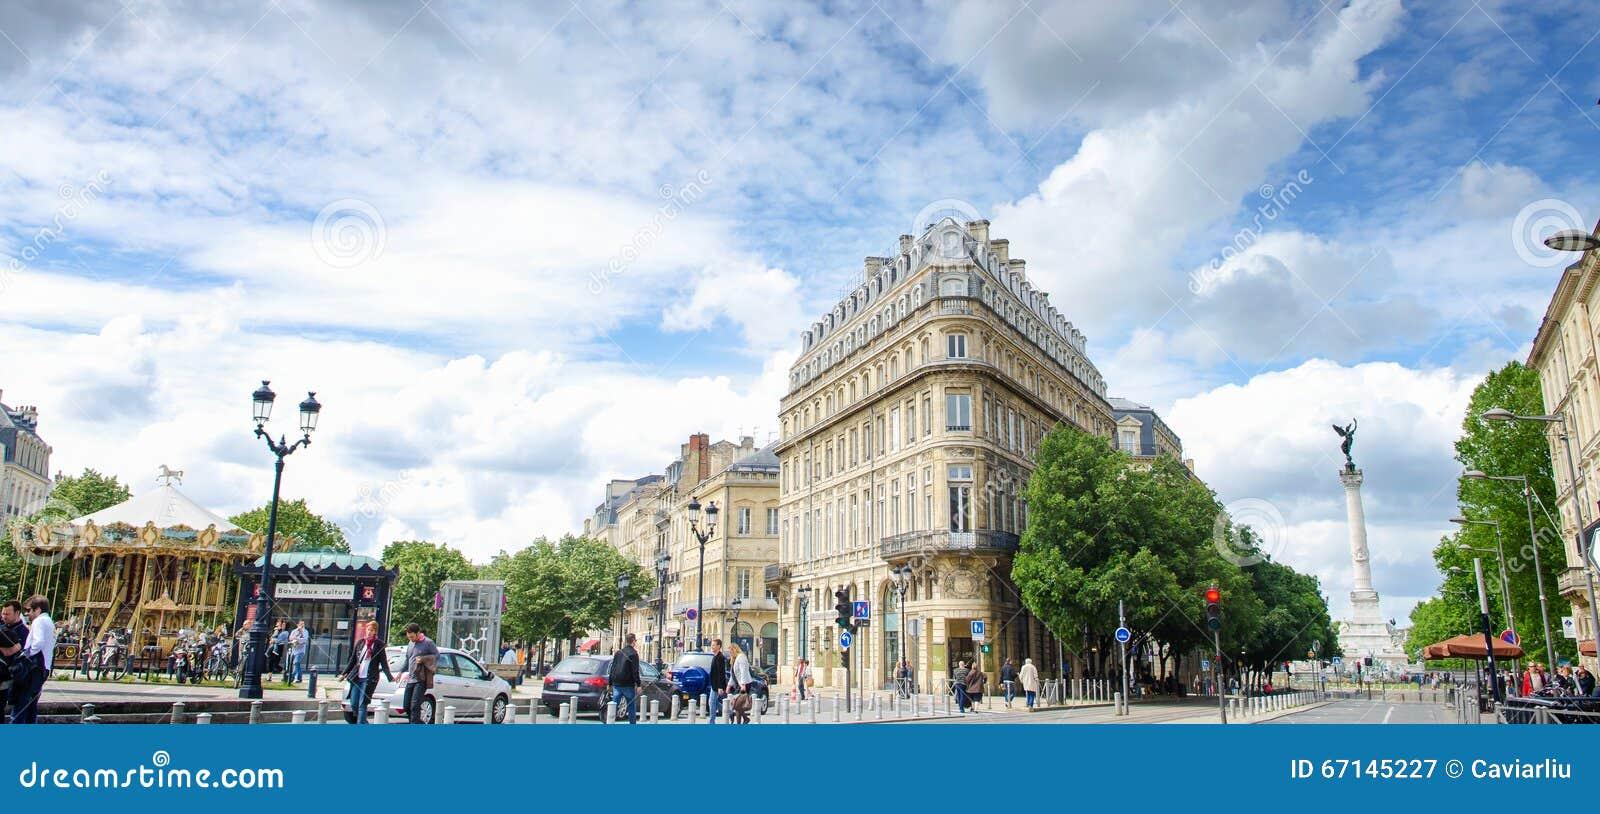 Τριγωνικό κτήριο με το σύγχρονο τραμ στο μέρος de Λα Comedie στο Μπορντώ, άποψη πανοράματος, Γαλλία